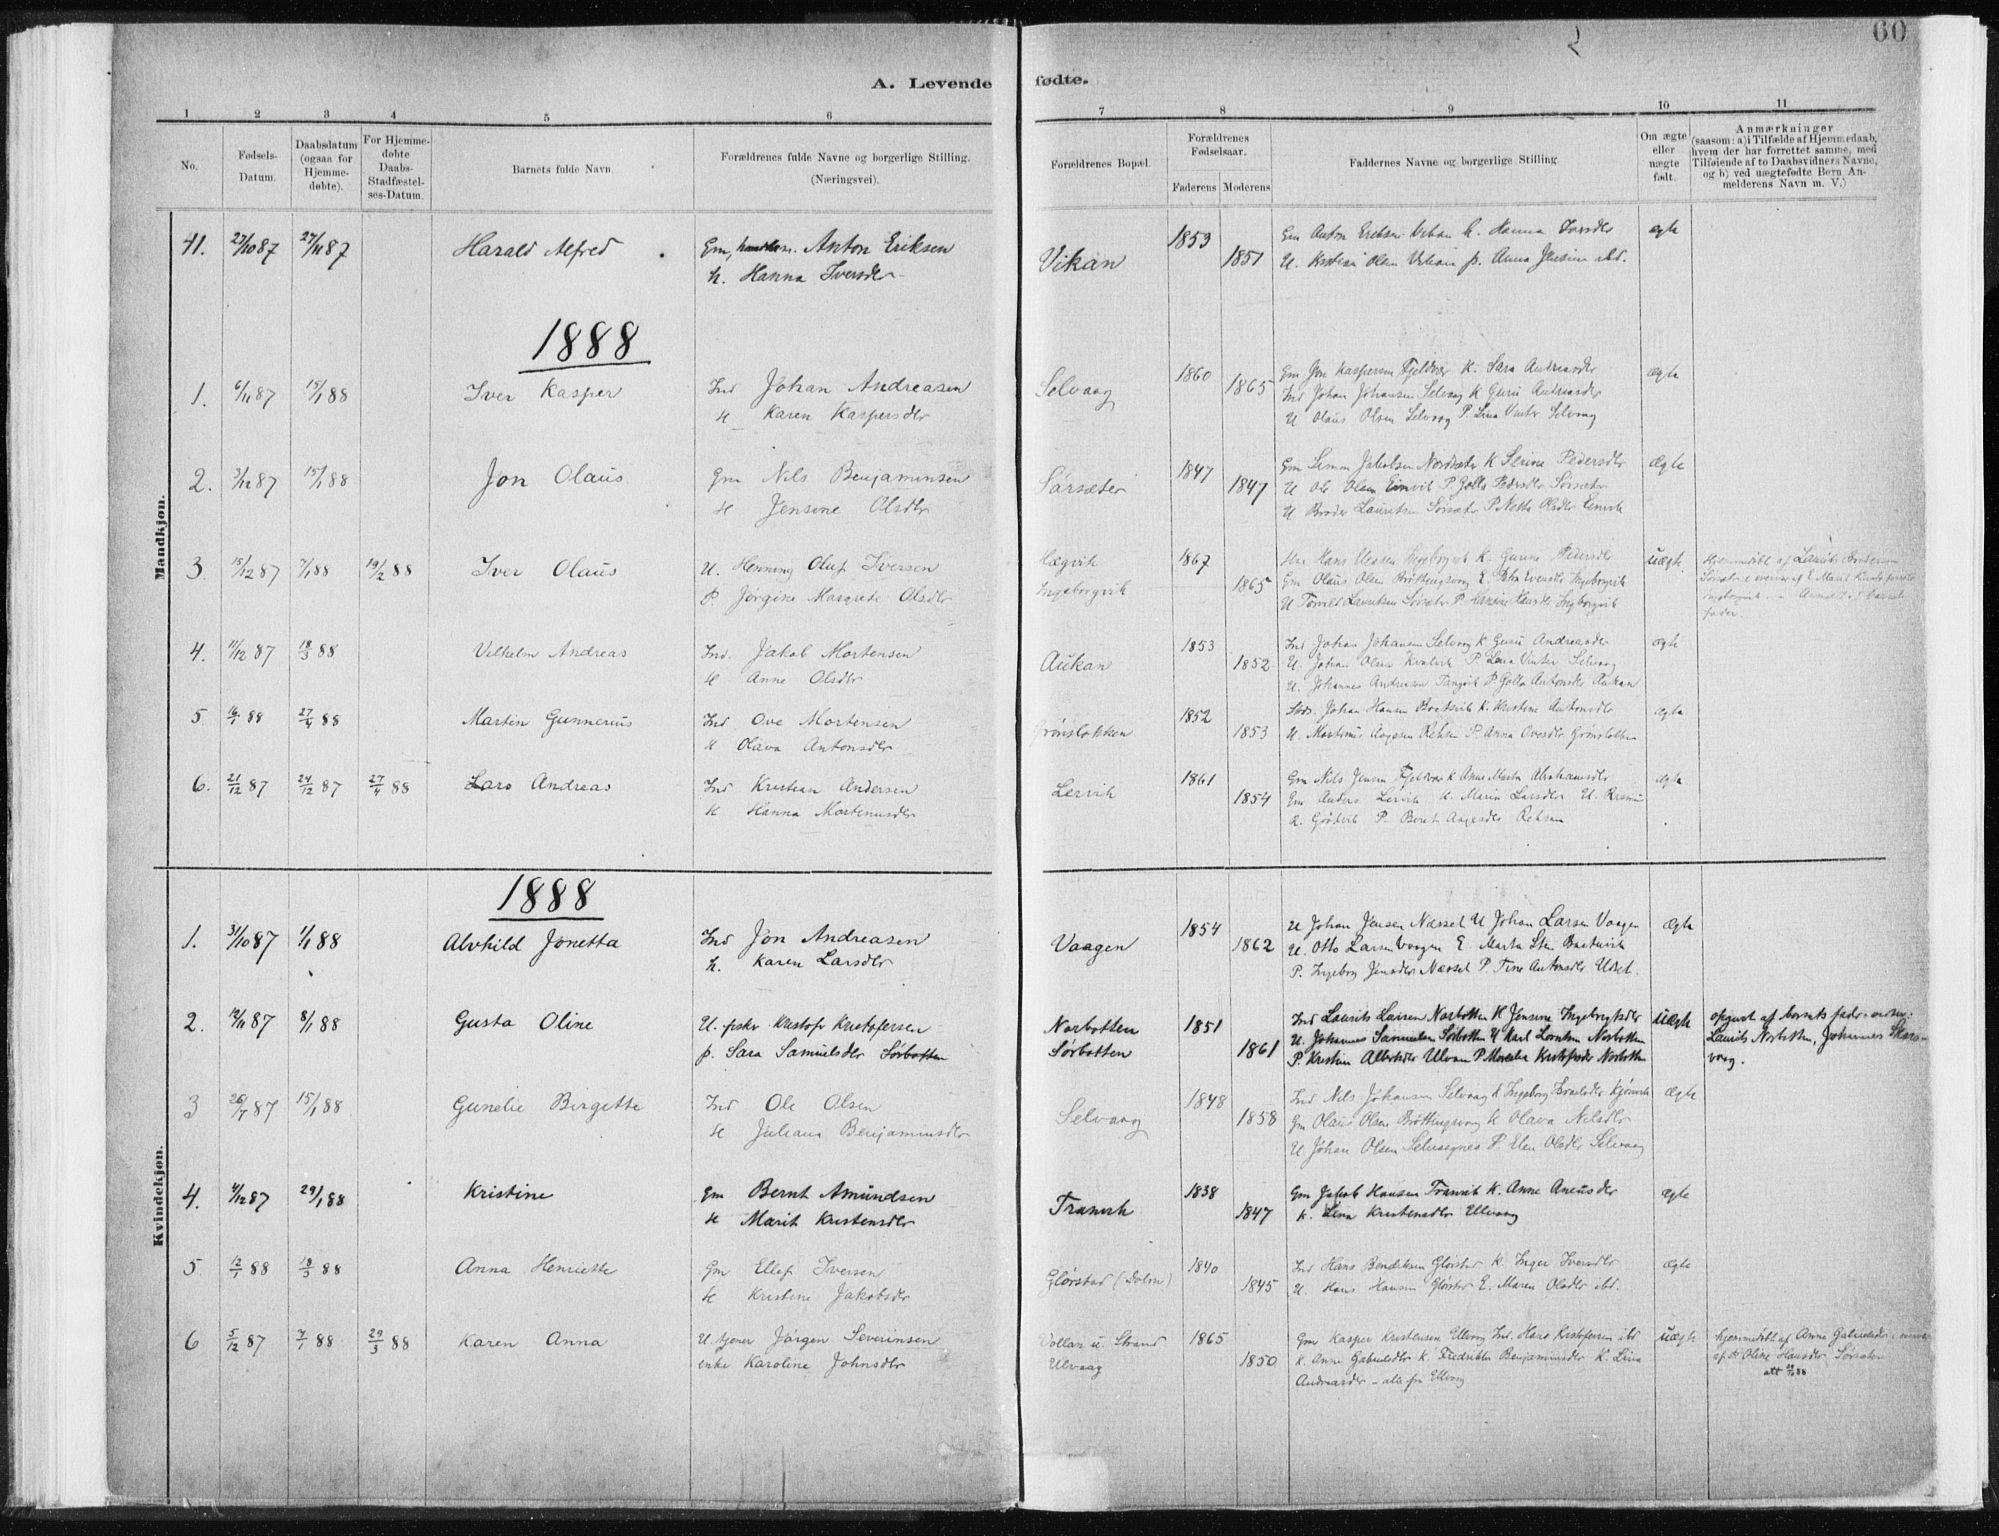 SAT, Ministerialprotokoller, klokkerbøker og fødselsregistre - Sør-Trøndelag, 637/L0558: Ministerialbok nr. 637A01, 1882-1899, s. 60